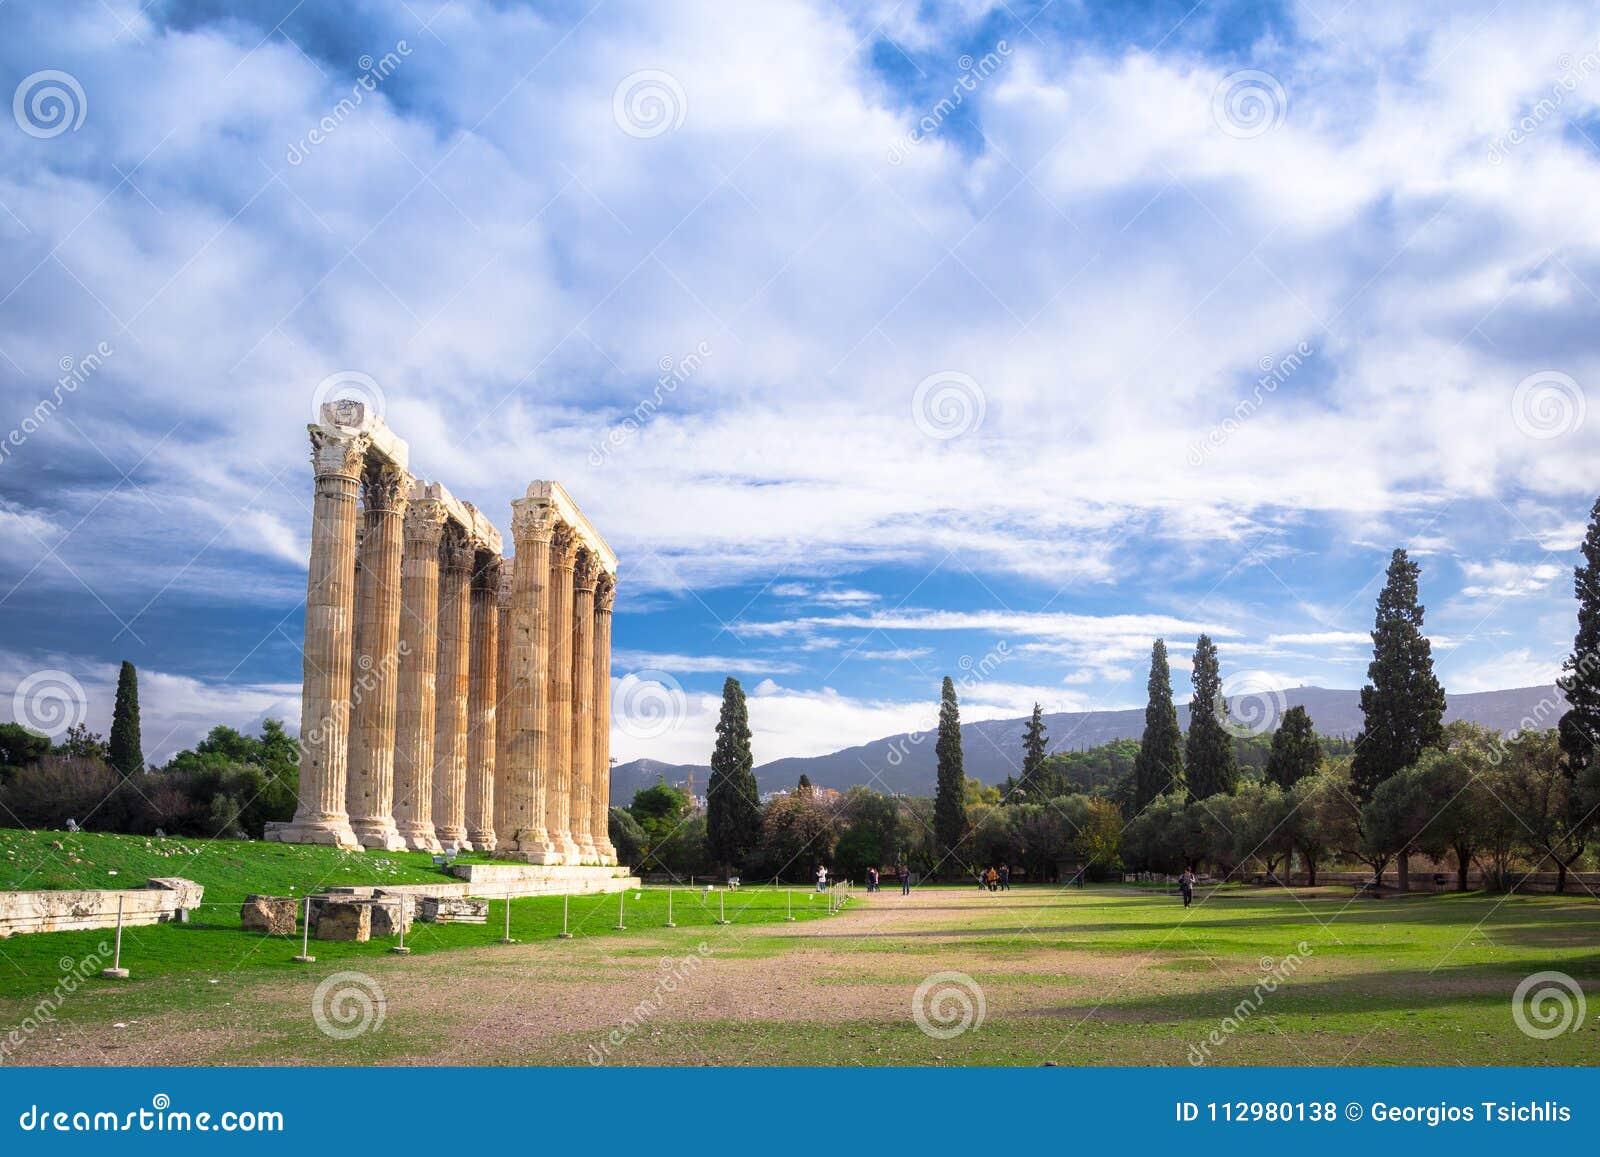 The Temple of Olympian Zeus Greek: Naos tou Olimpiou Dios, also known as the Olympieion, Athens.